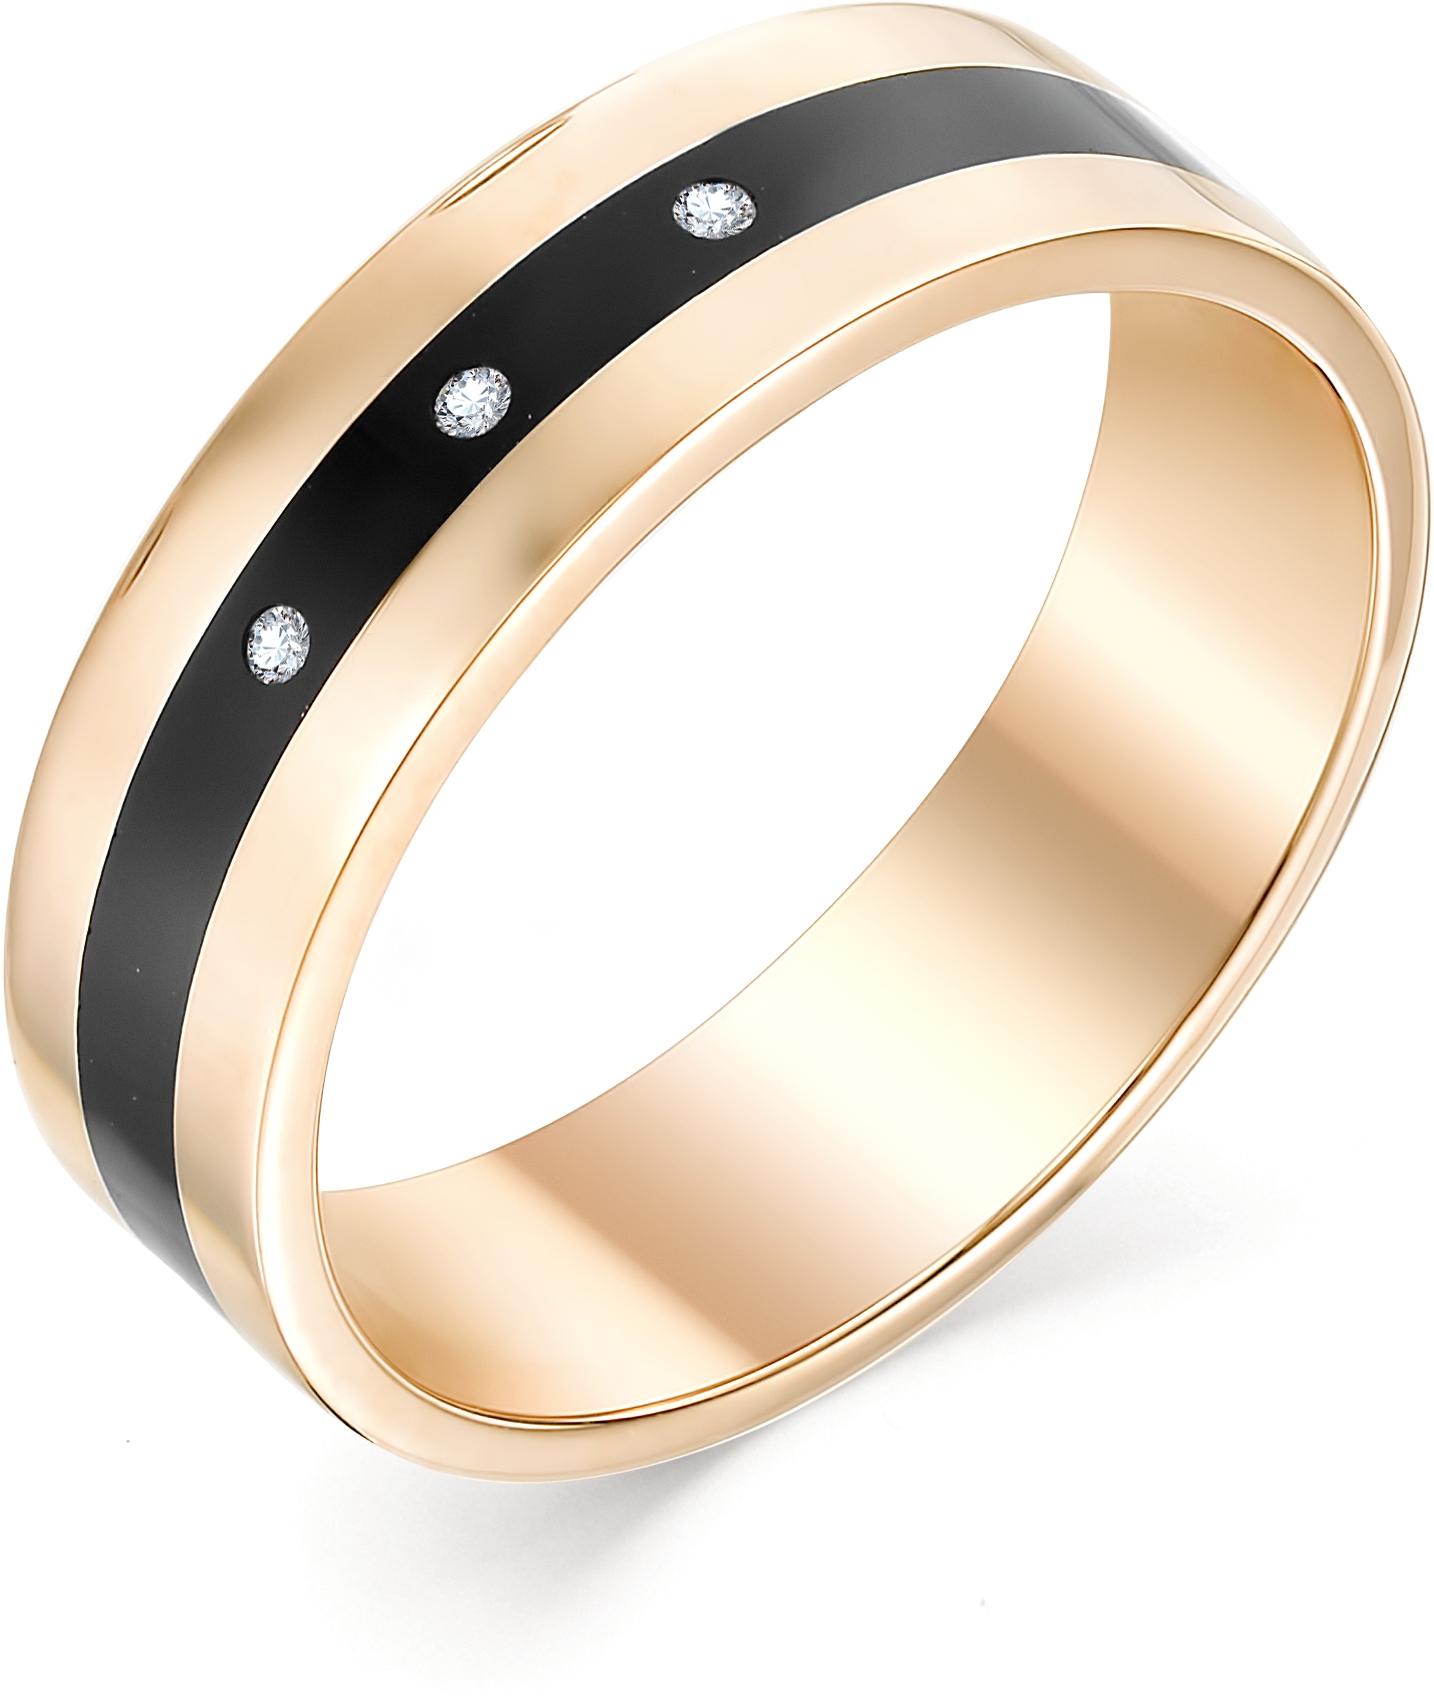 Кольцо с 3 бриллиантами из красного золота (арт.ж-9354к)